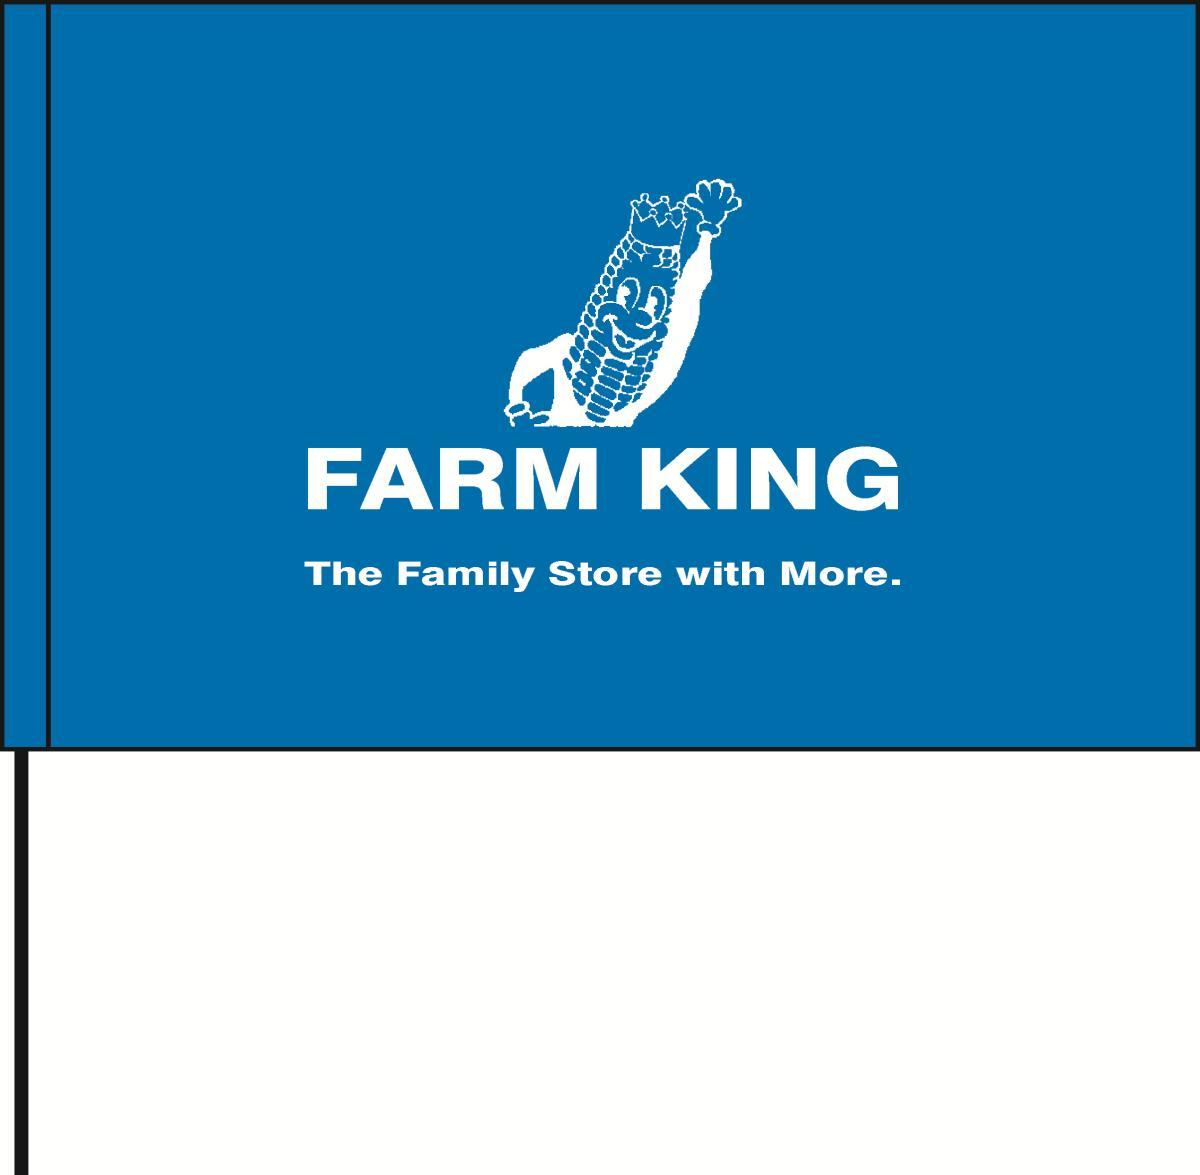 Farm King